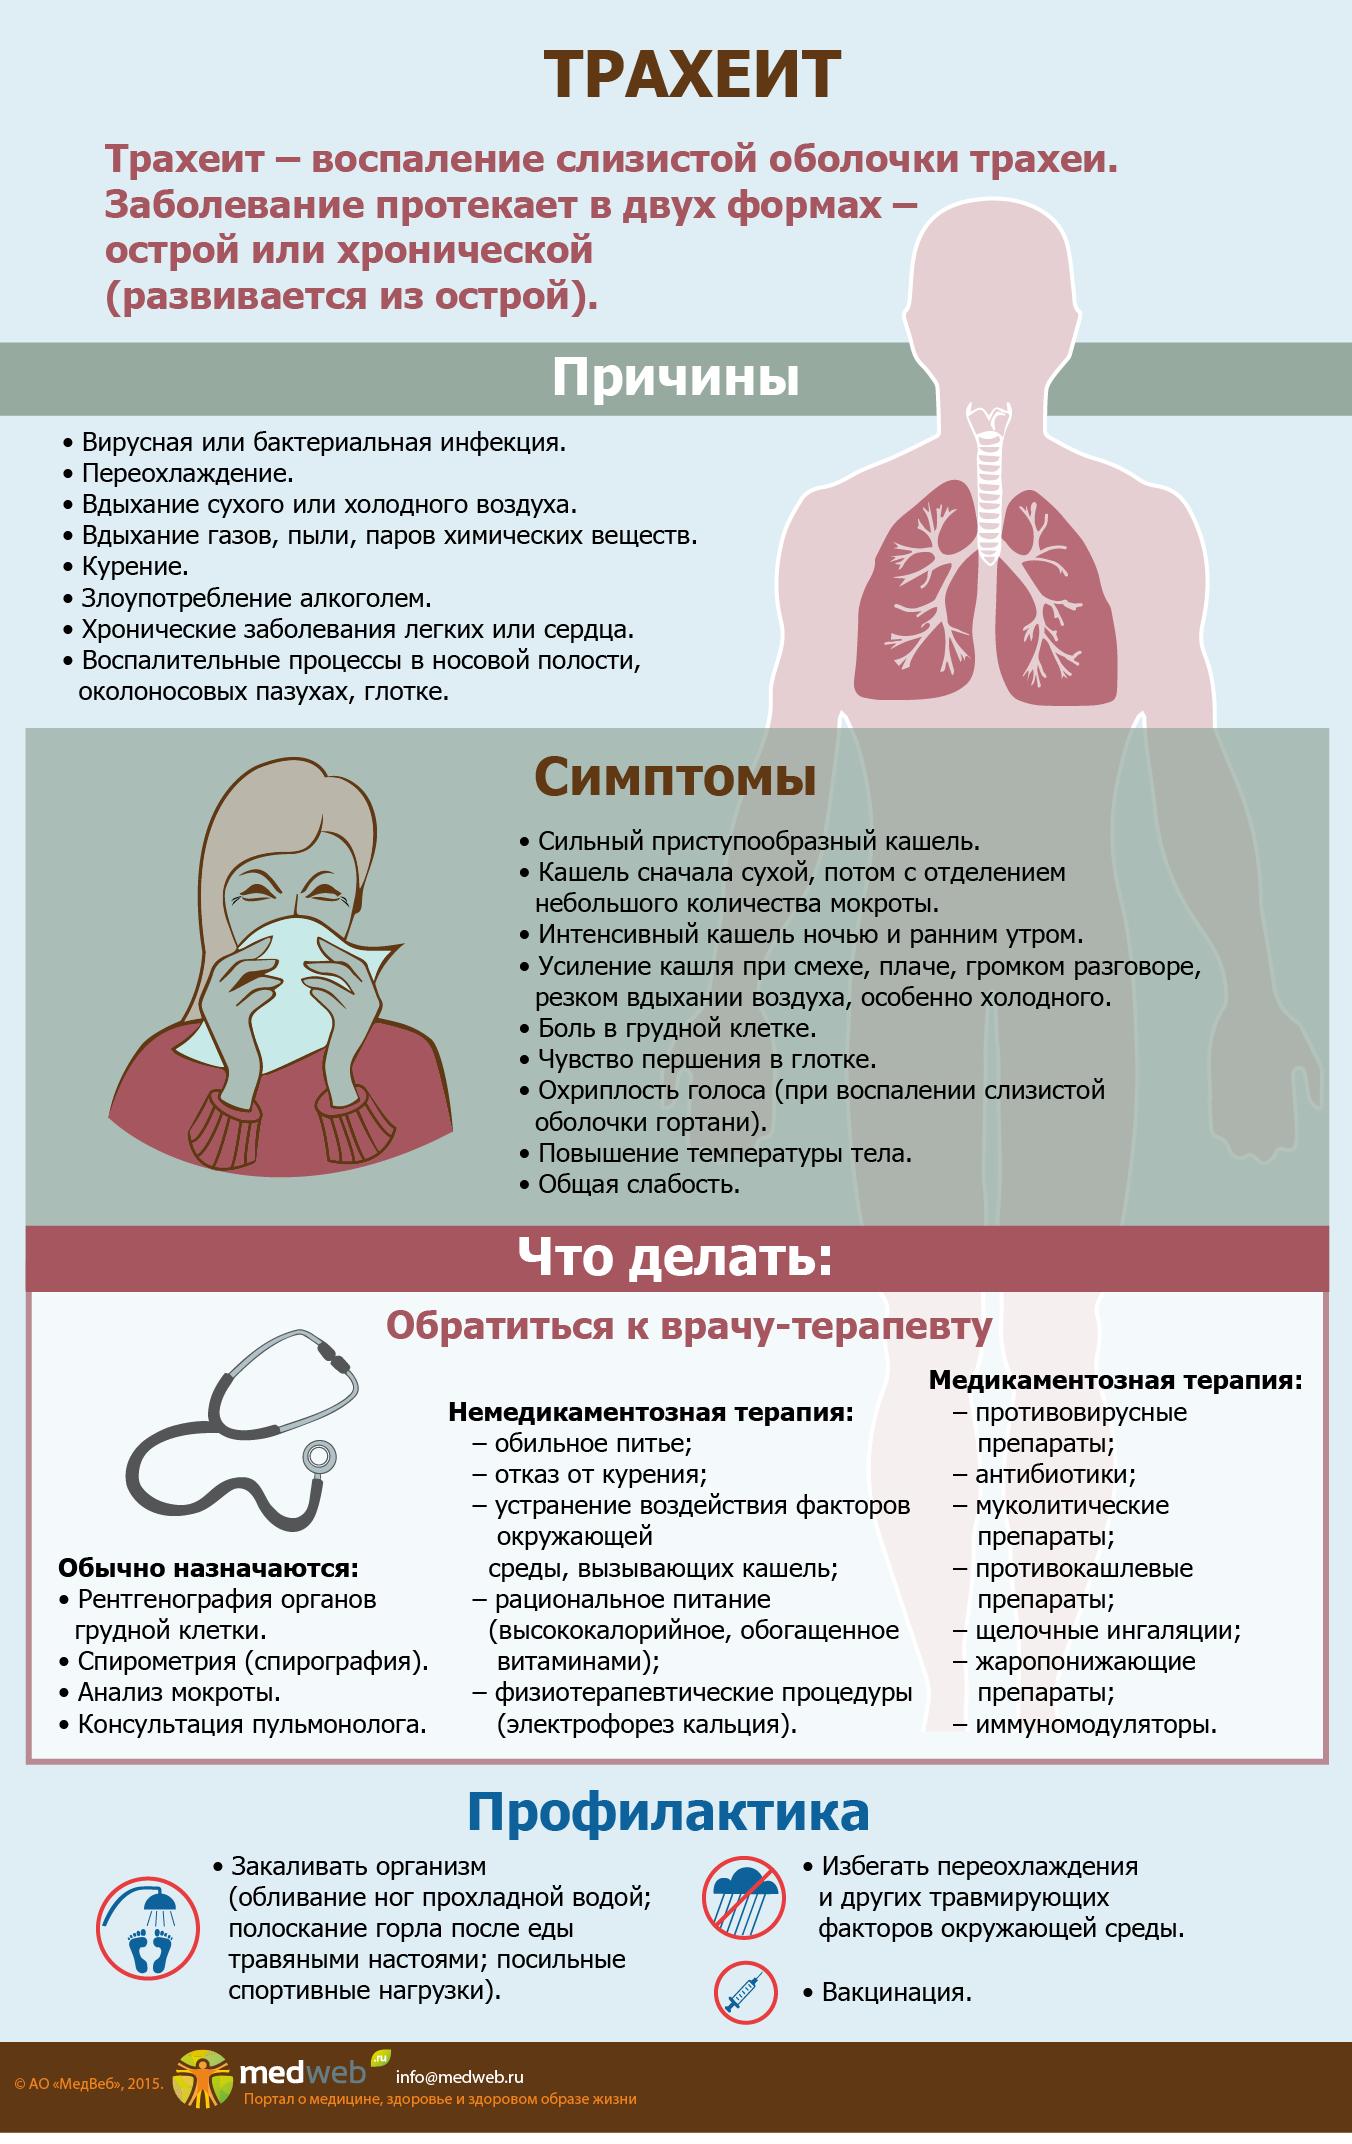 болезни трахеи симптомы